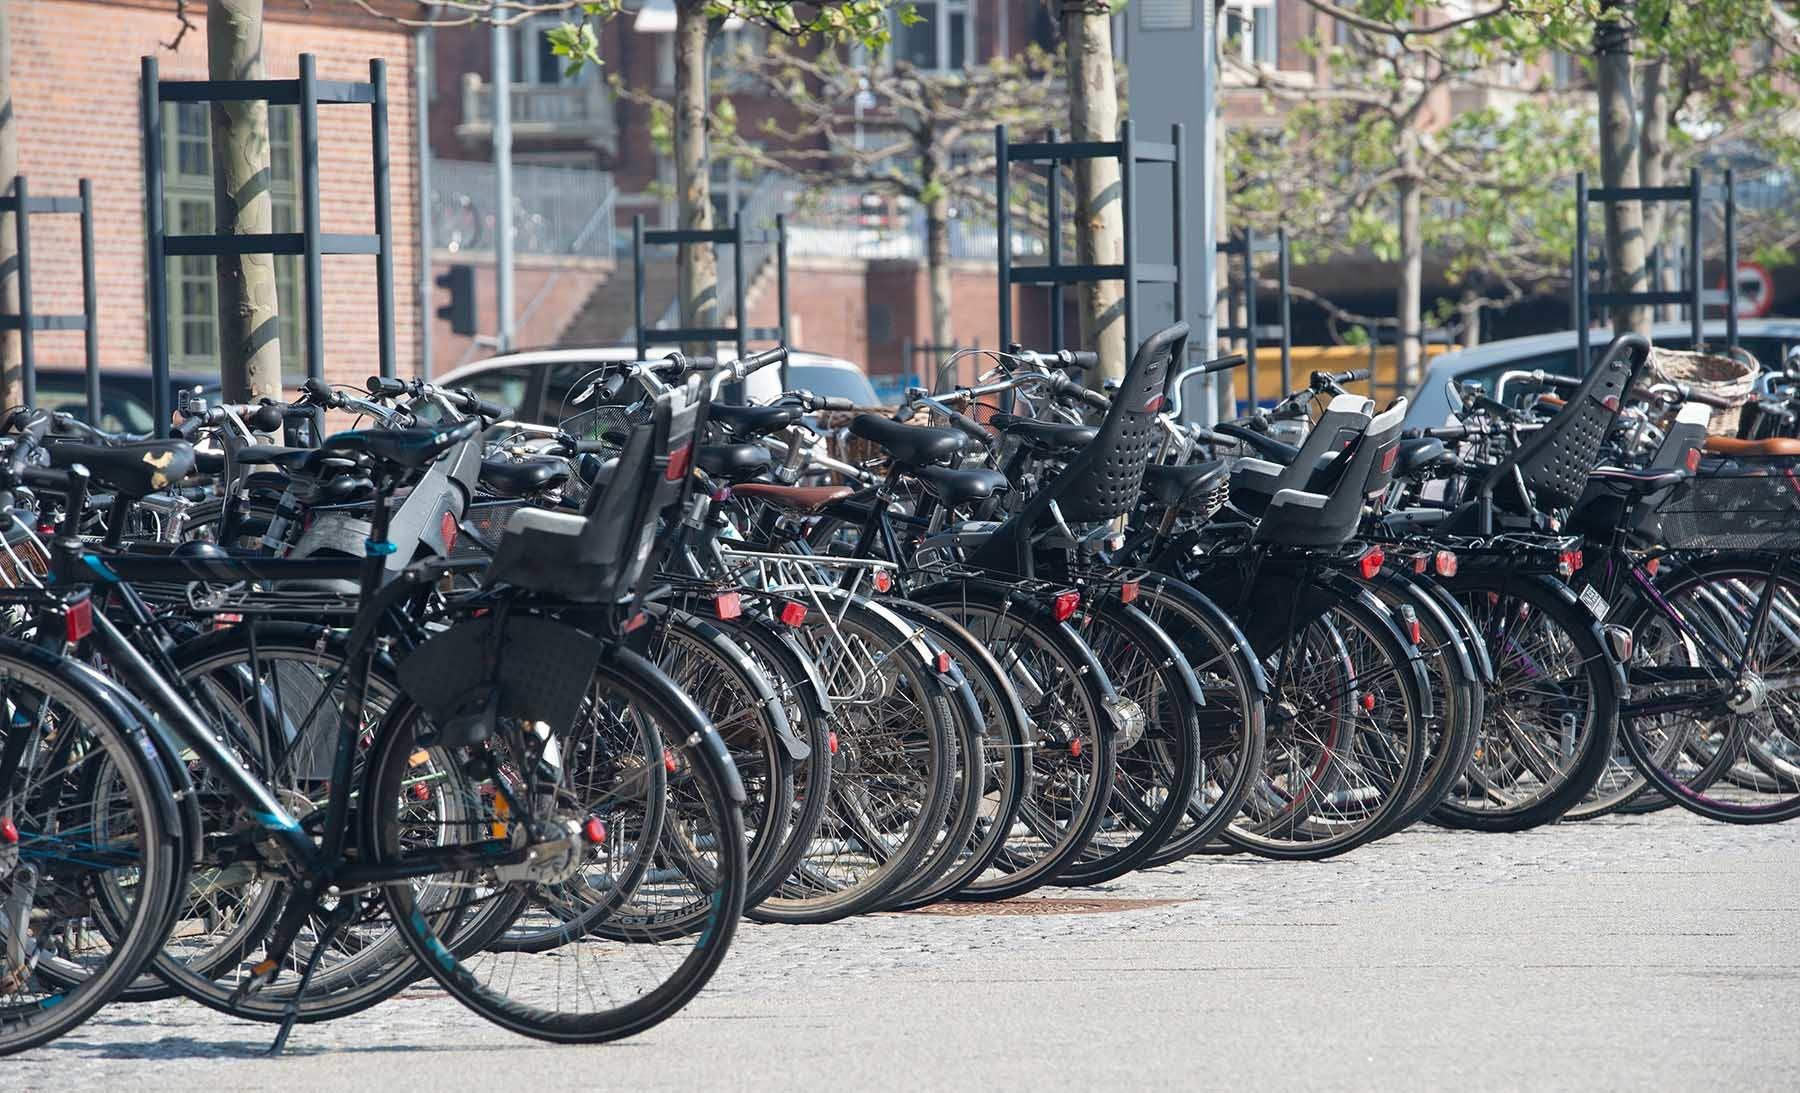 Rowery na parkingu rowerowym w stolicy Danii Kopenhadze